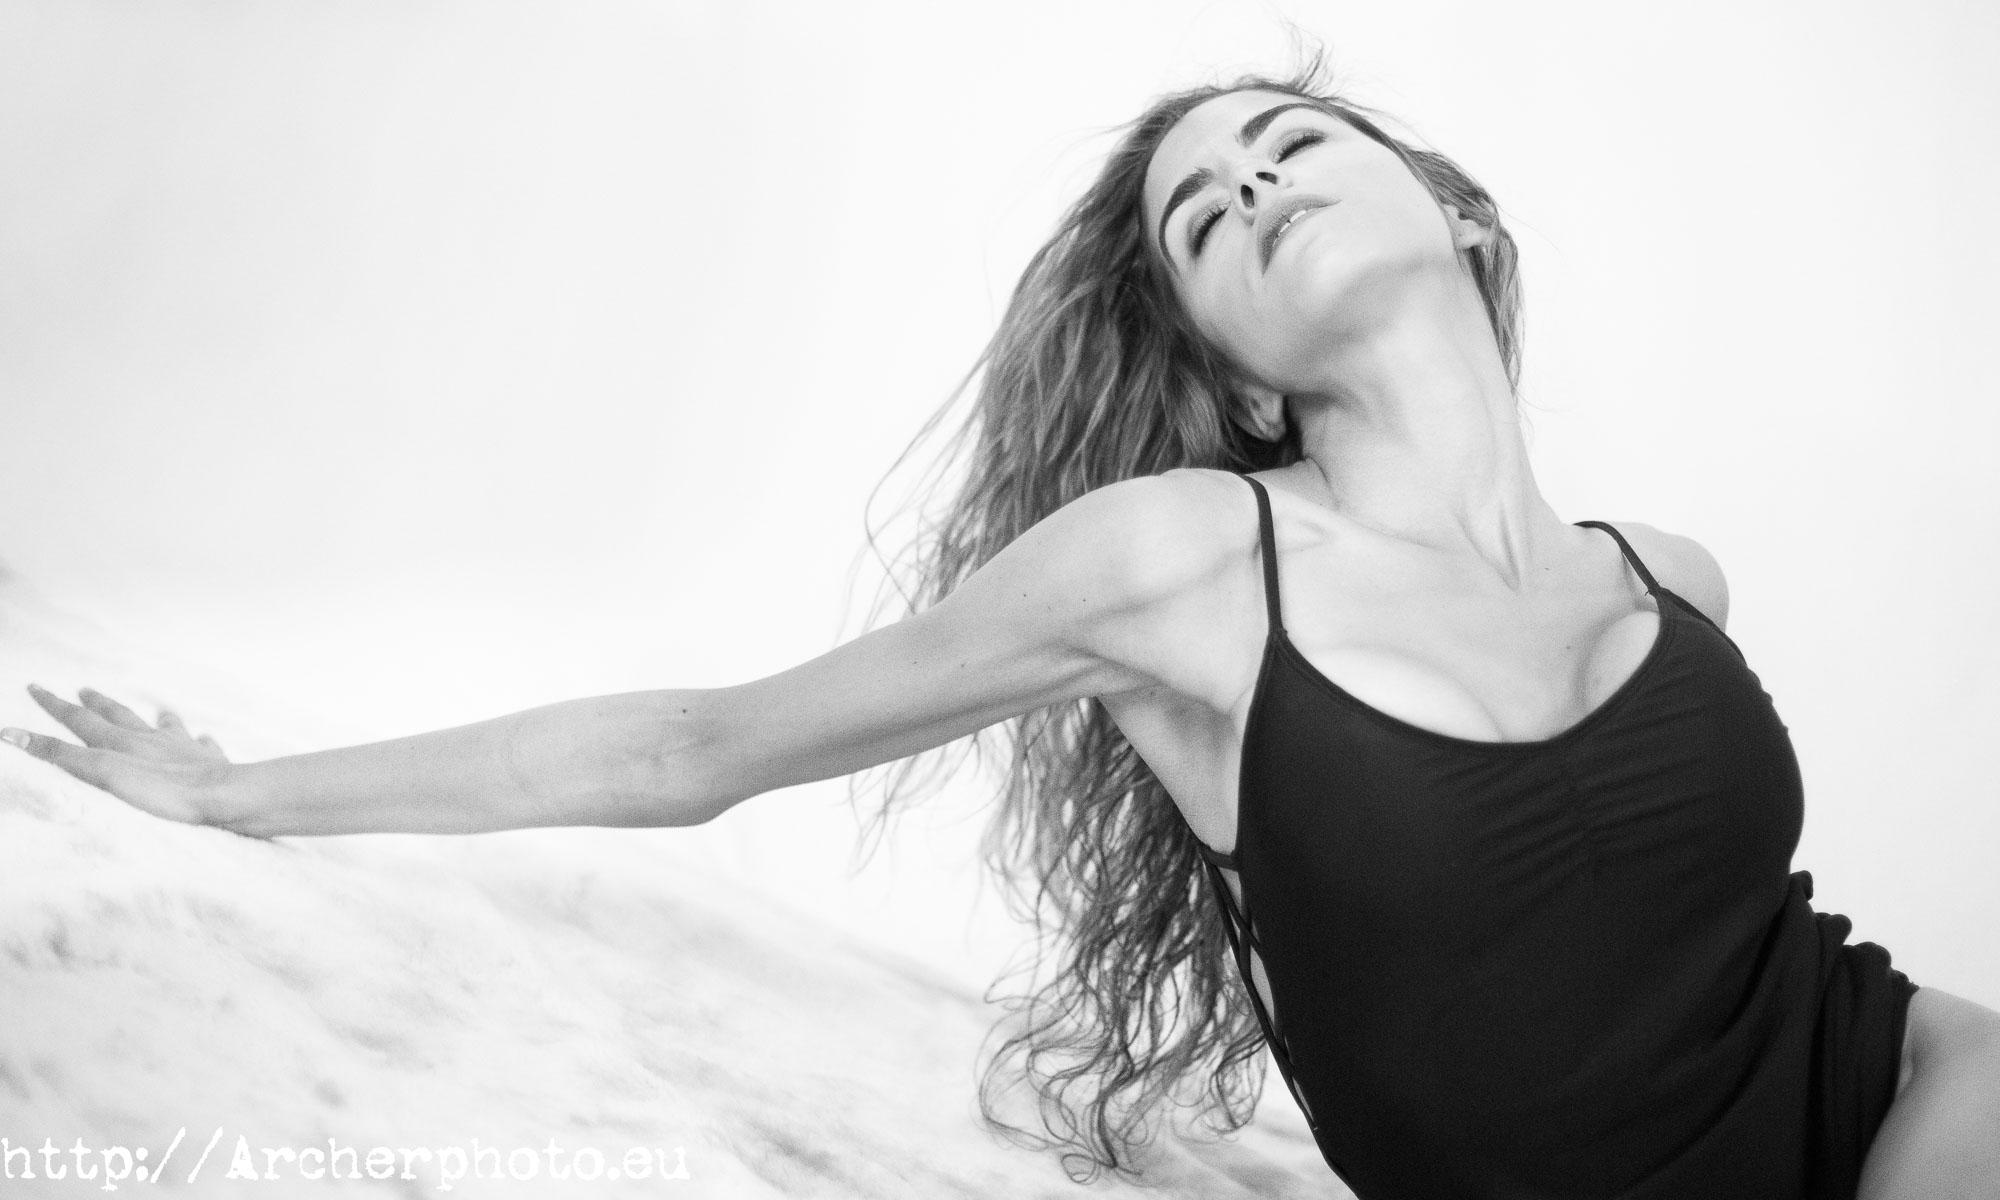 Boudoir en blanco y negro. Sergi Albir, Archerphoto, fotografía profesional en España.